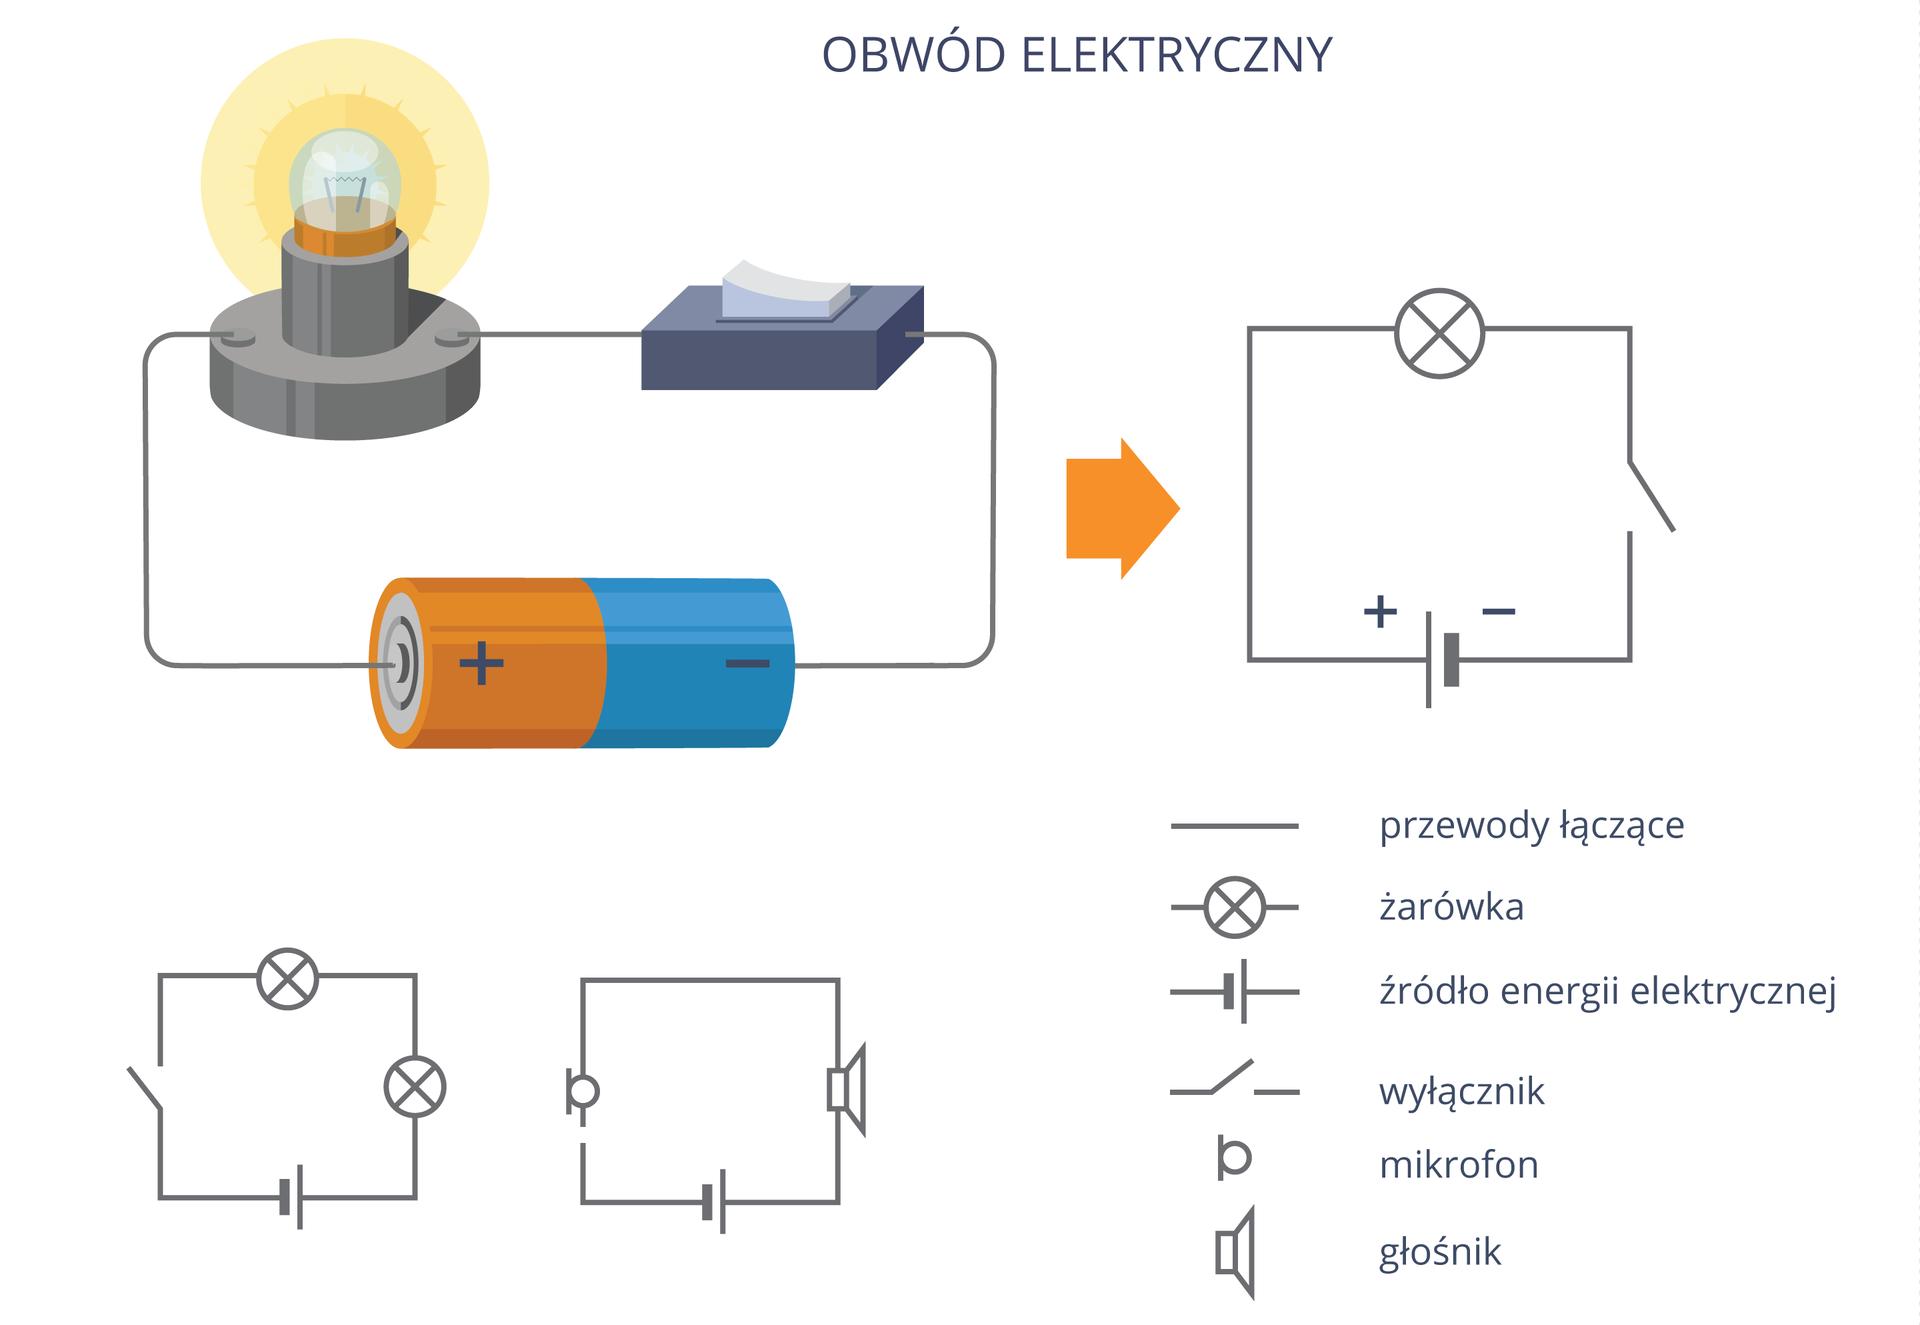 Na ilustracji przedstawiono schemat elektryczny. Dzięki użyciu uniwersalnych symboli może zostać odczytany przez fachowców na całym świecie.